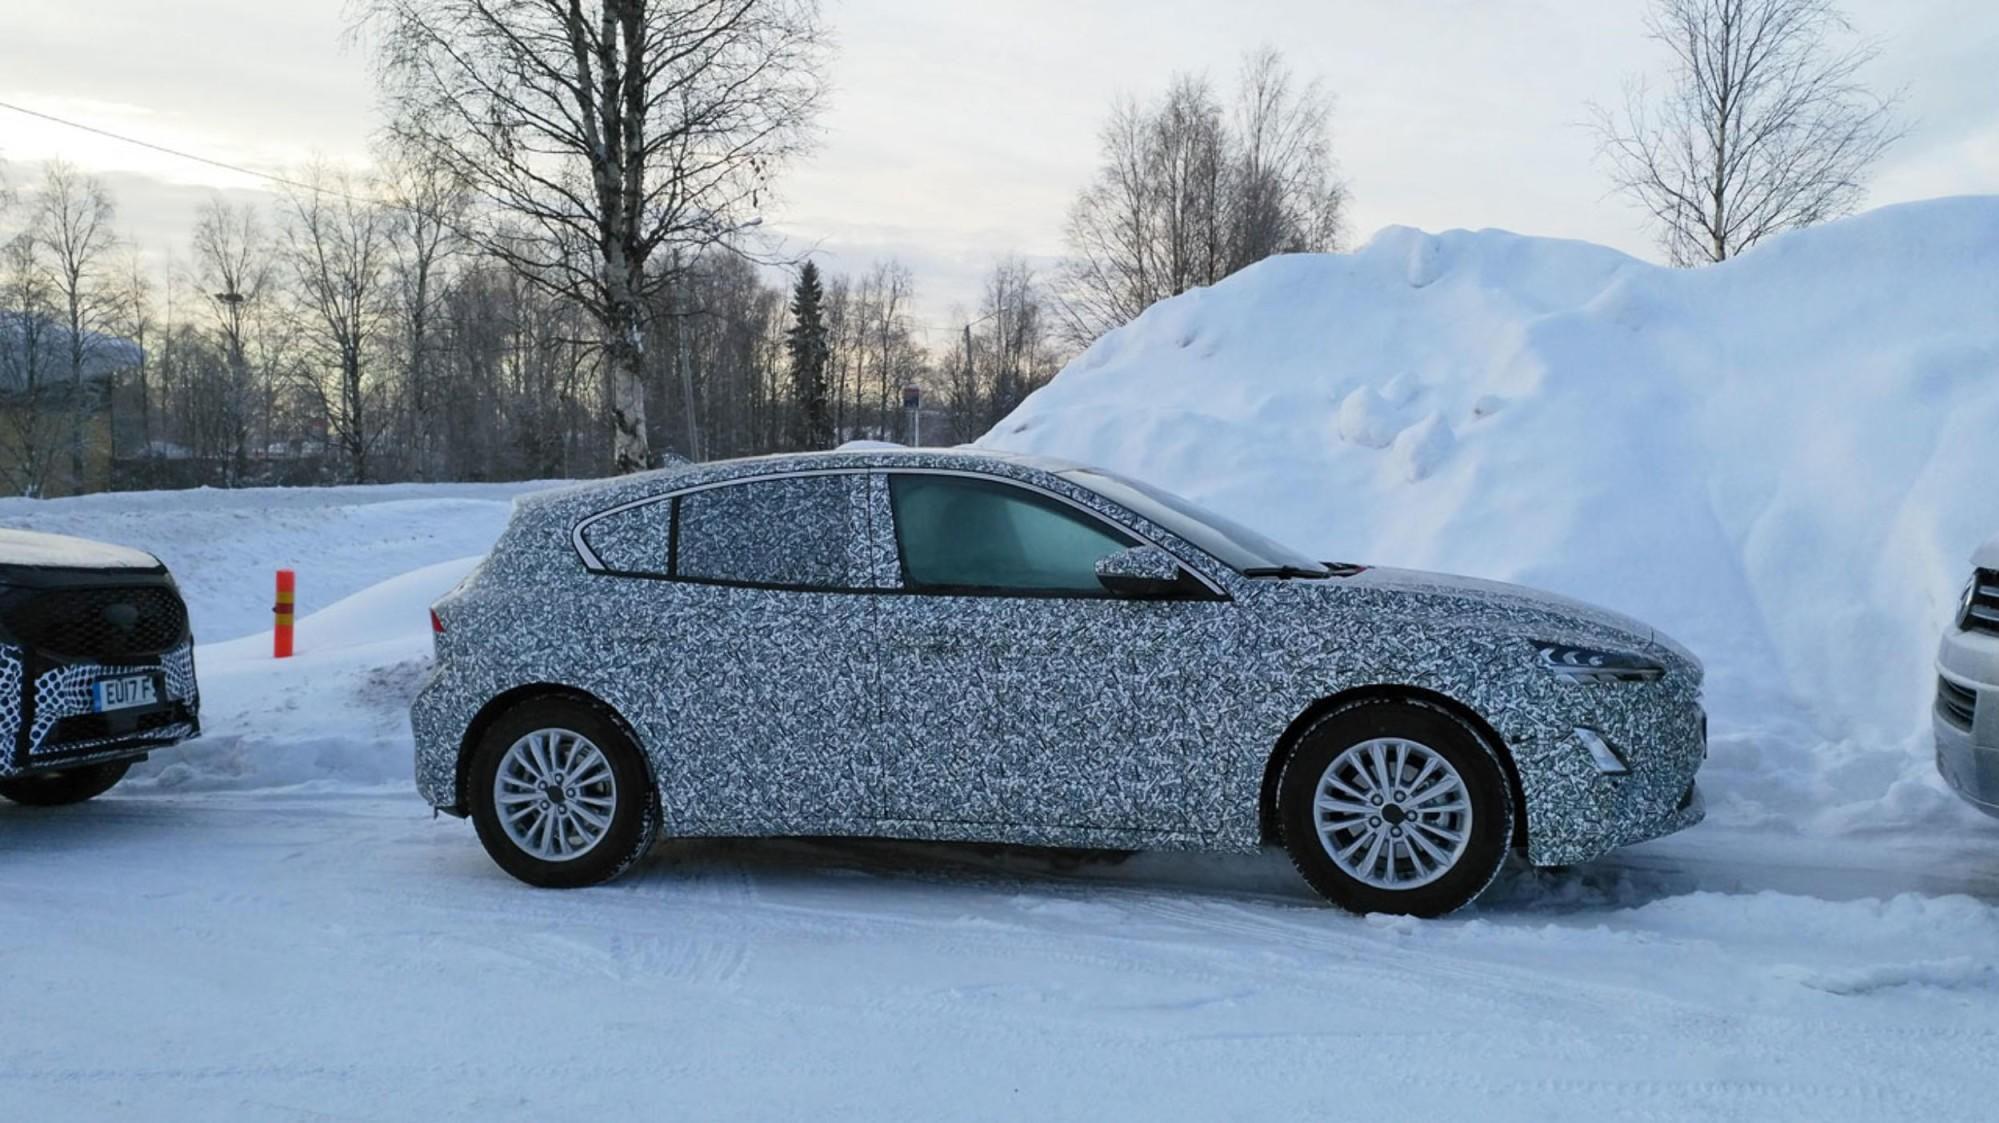 Mye tyder på at det skjuler seg en helt ny Ford Focus bak all denne kamuflasjen. Det er en svært viktig modell for Ford, både internasjonalt og her i Norge.